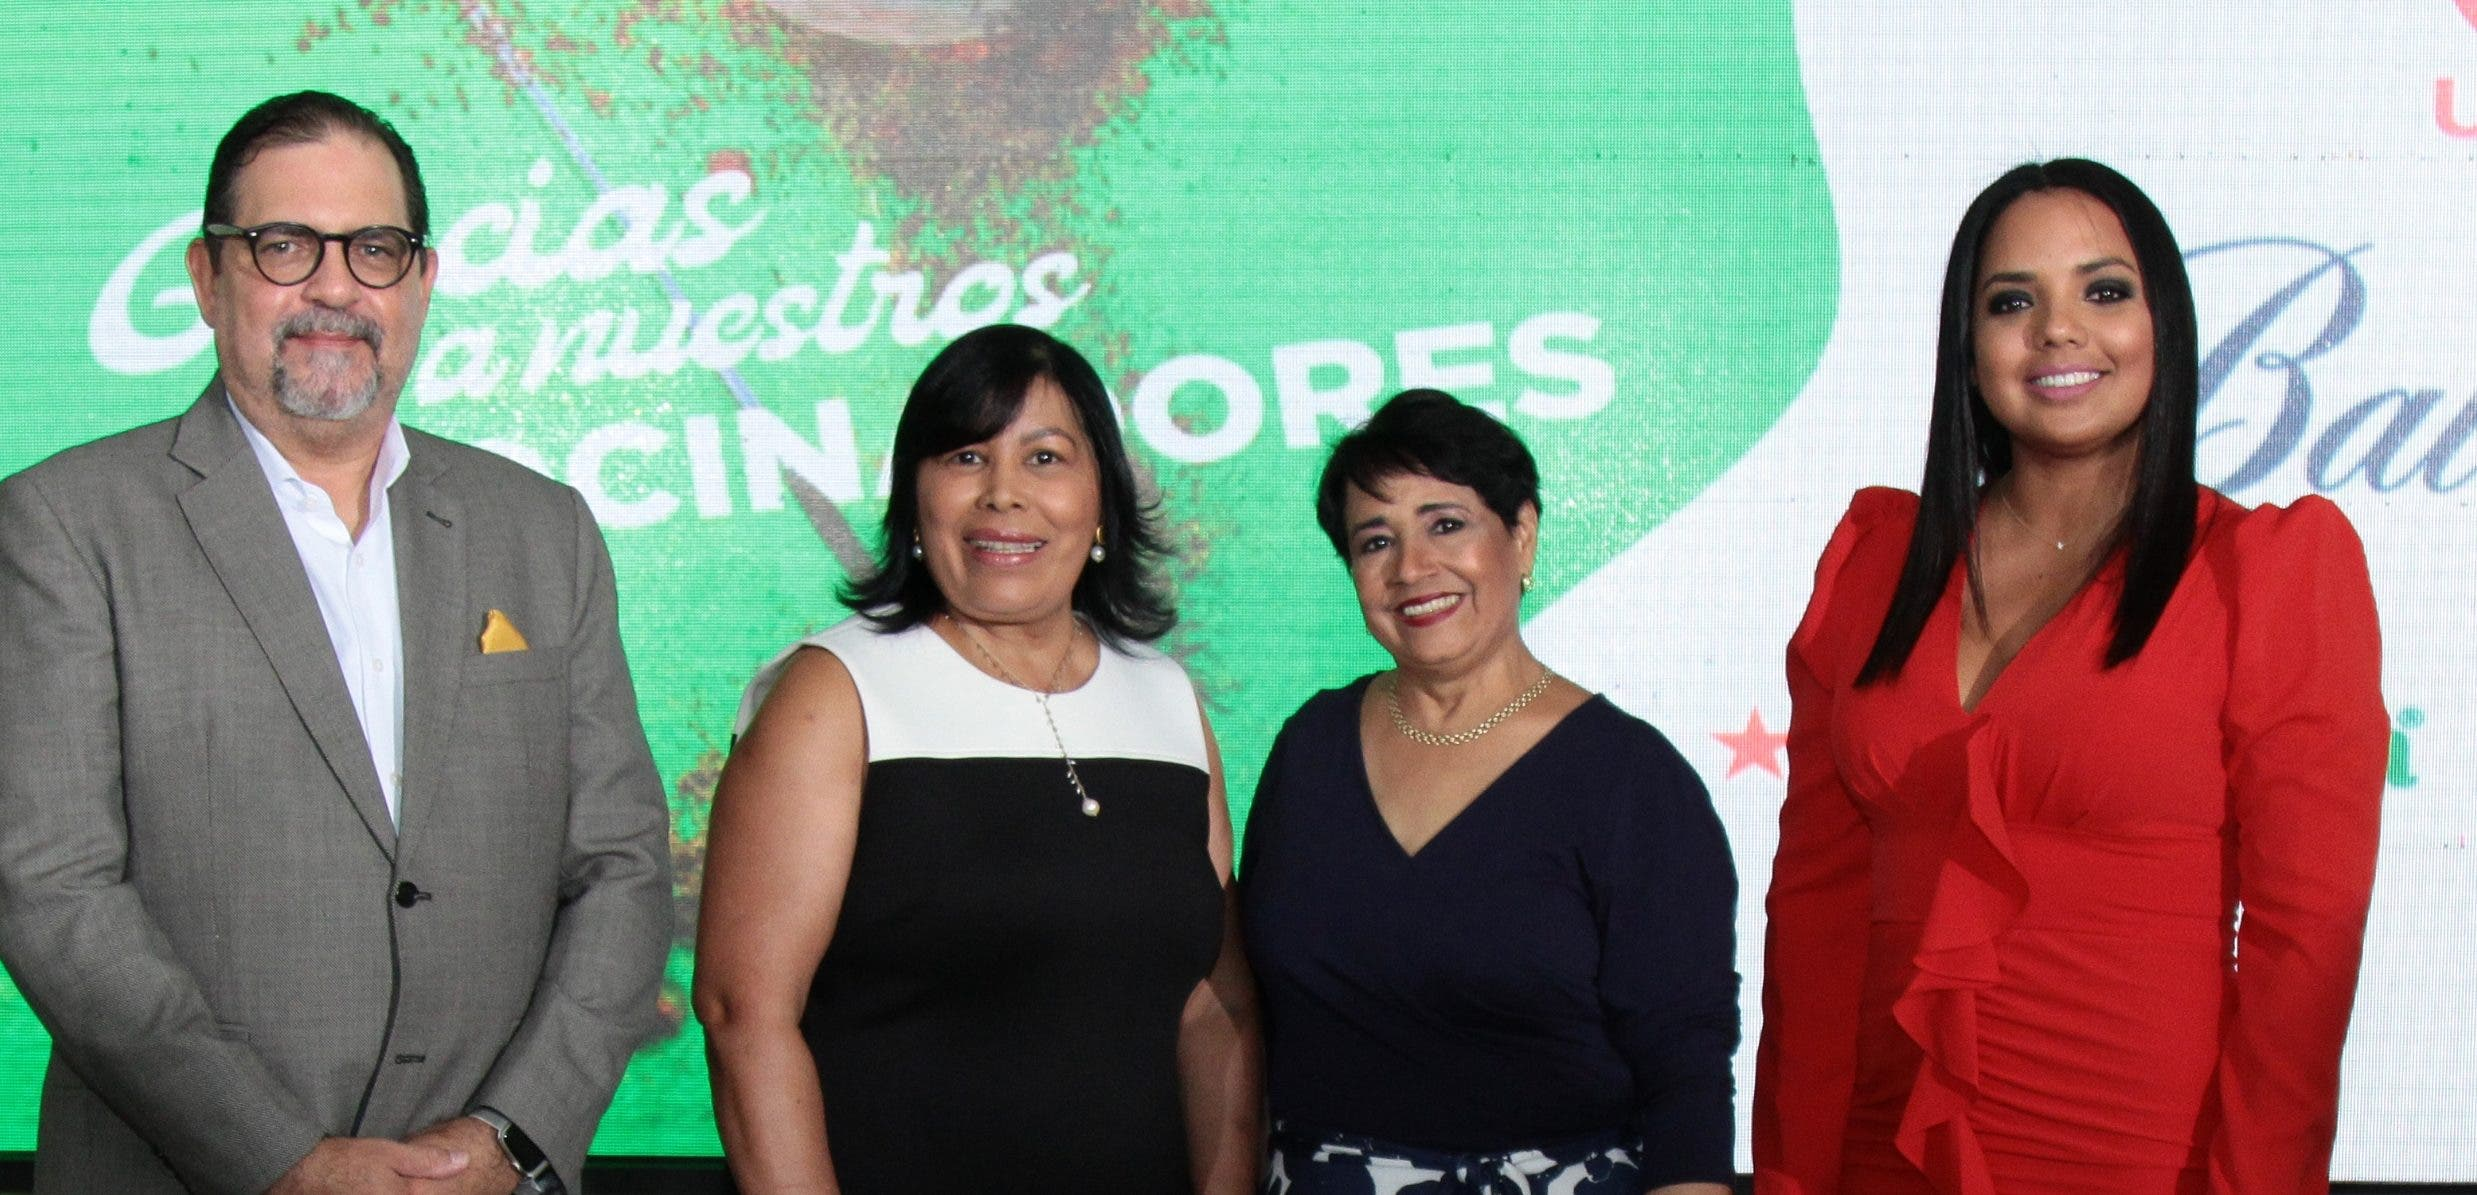 Alejandro Jovine, Milagros Ureña, Rosalía de Cuello y  Franchesca Páez.